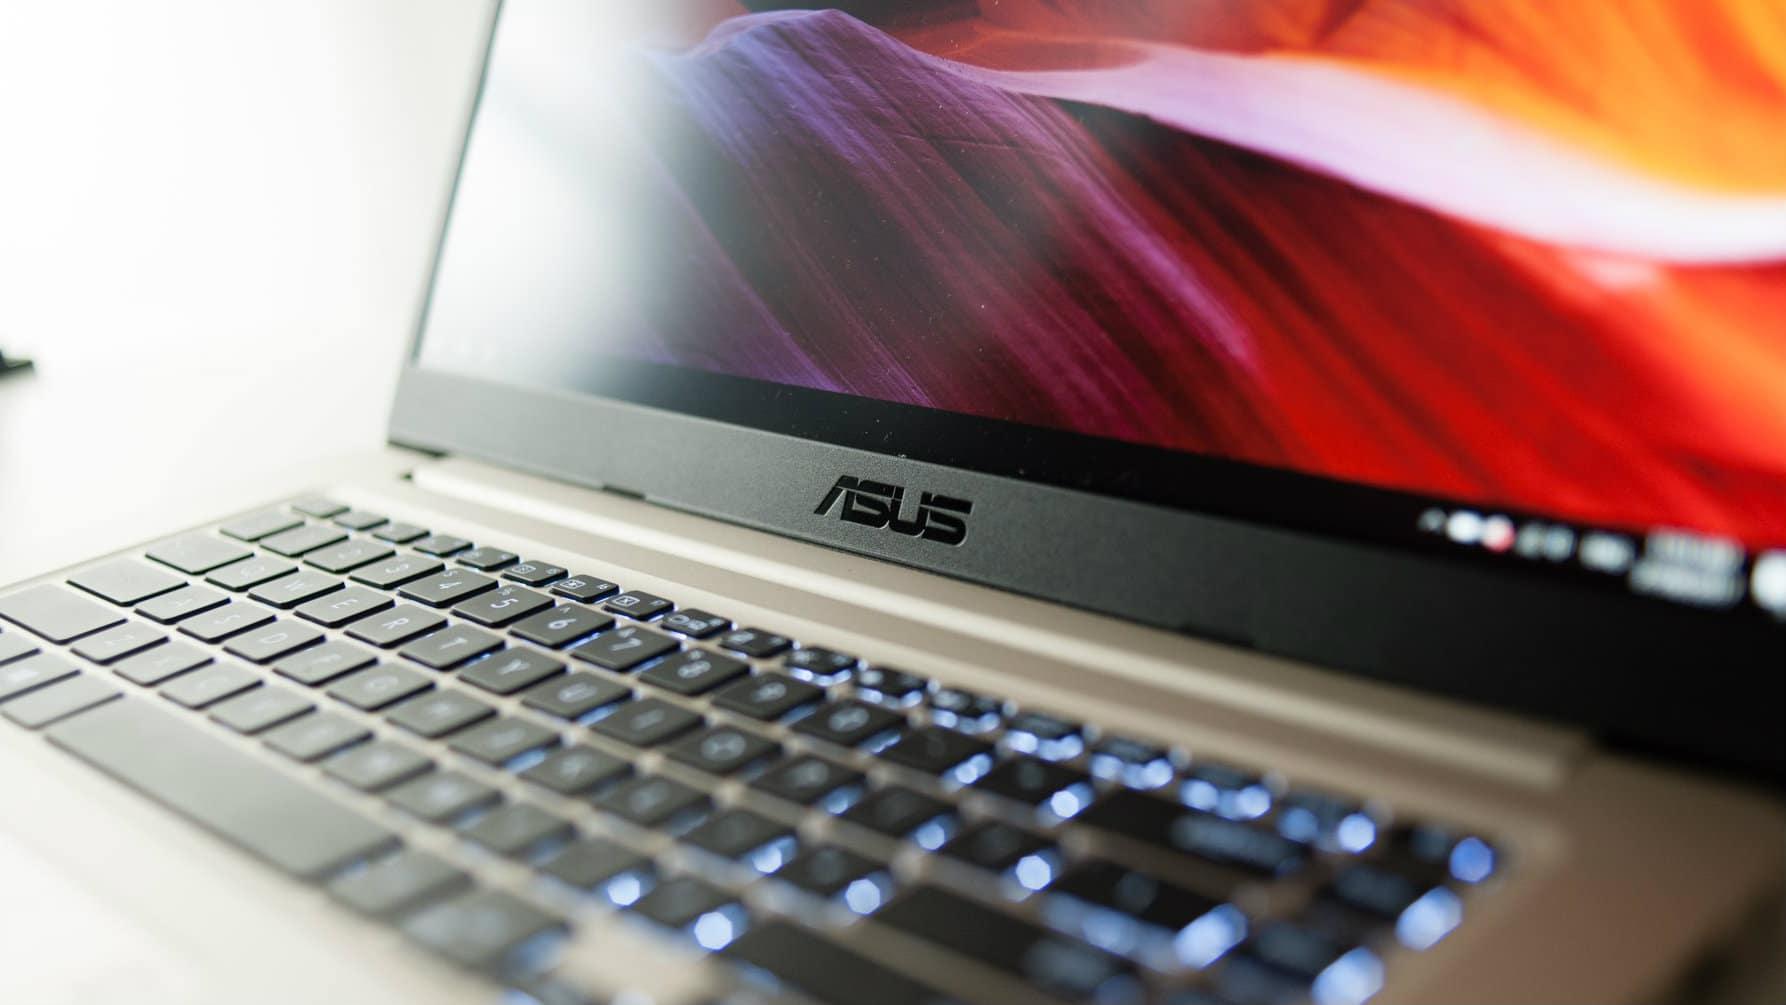 asus-reduceri-laptopuri-emag